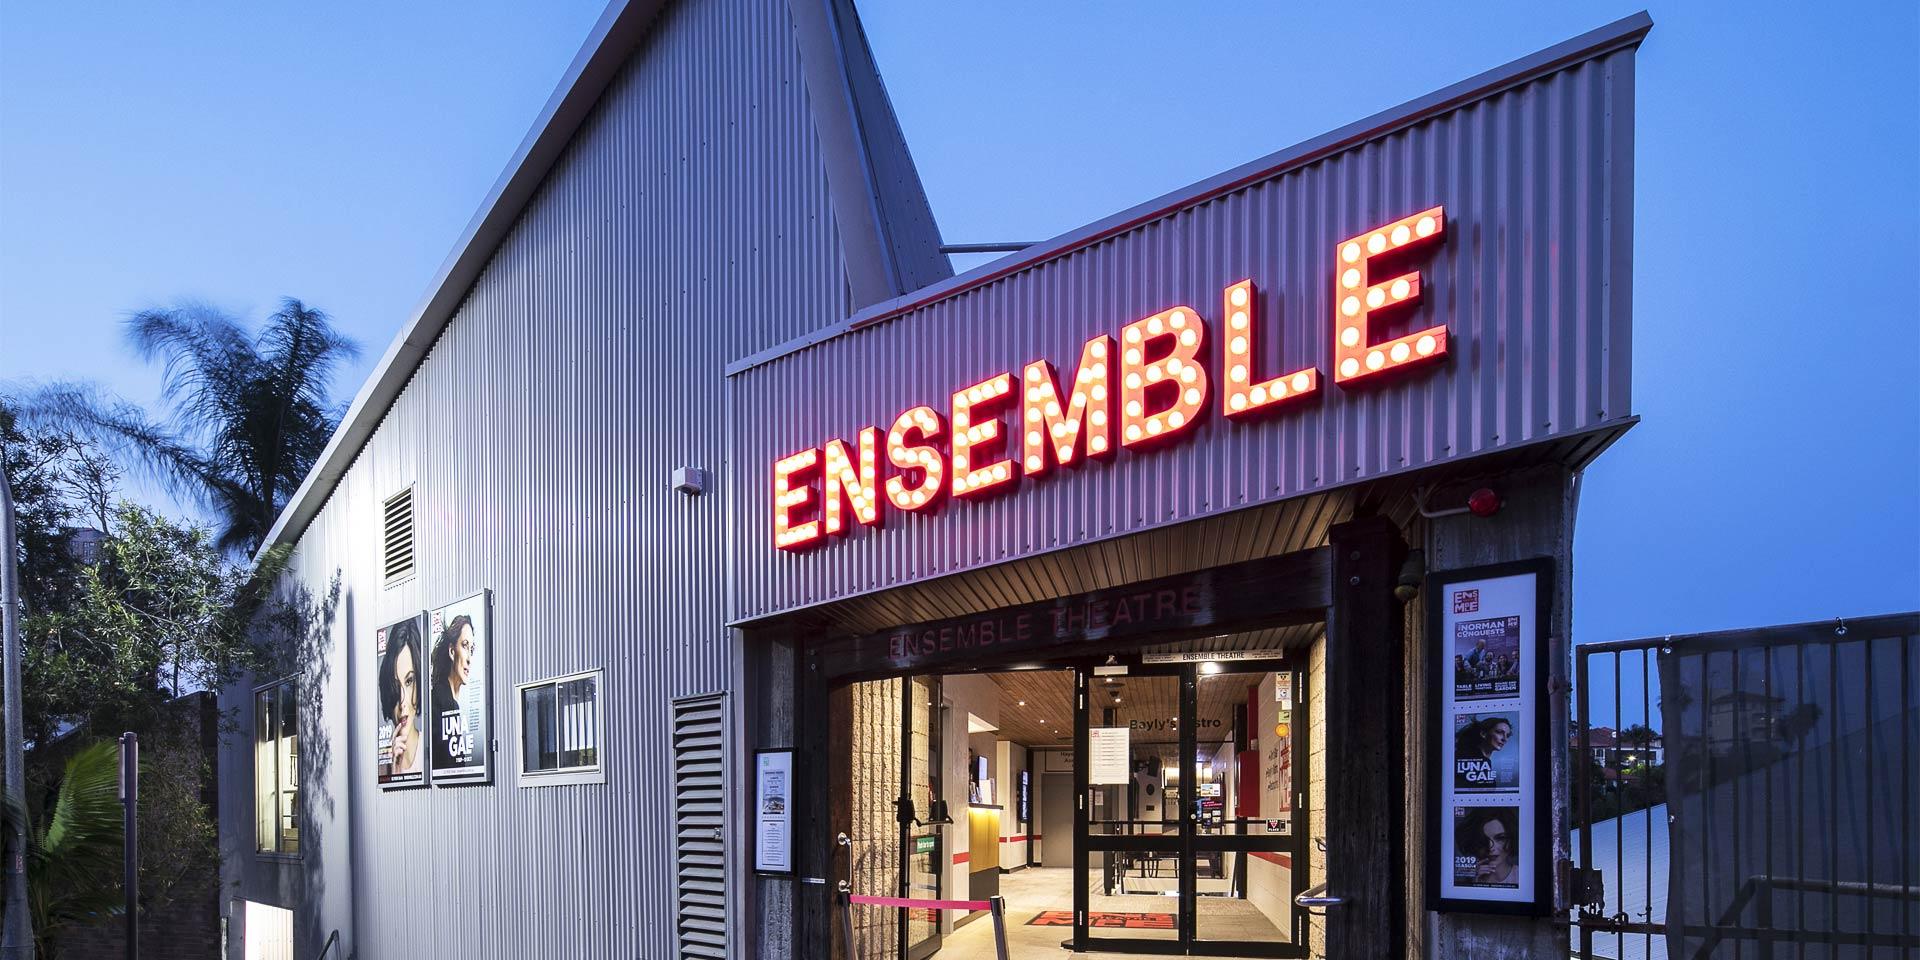 Ensemble Bar and Theatre